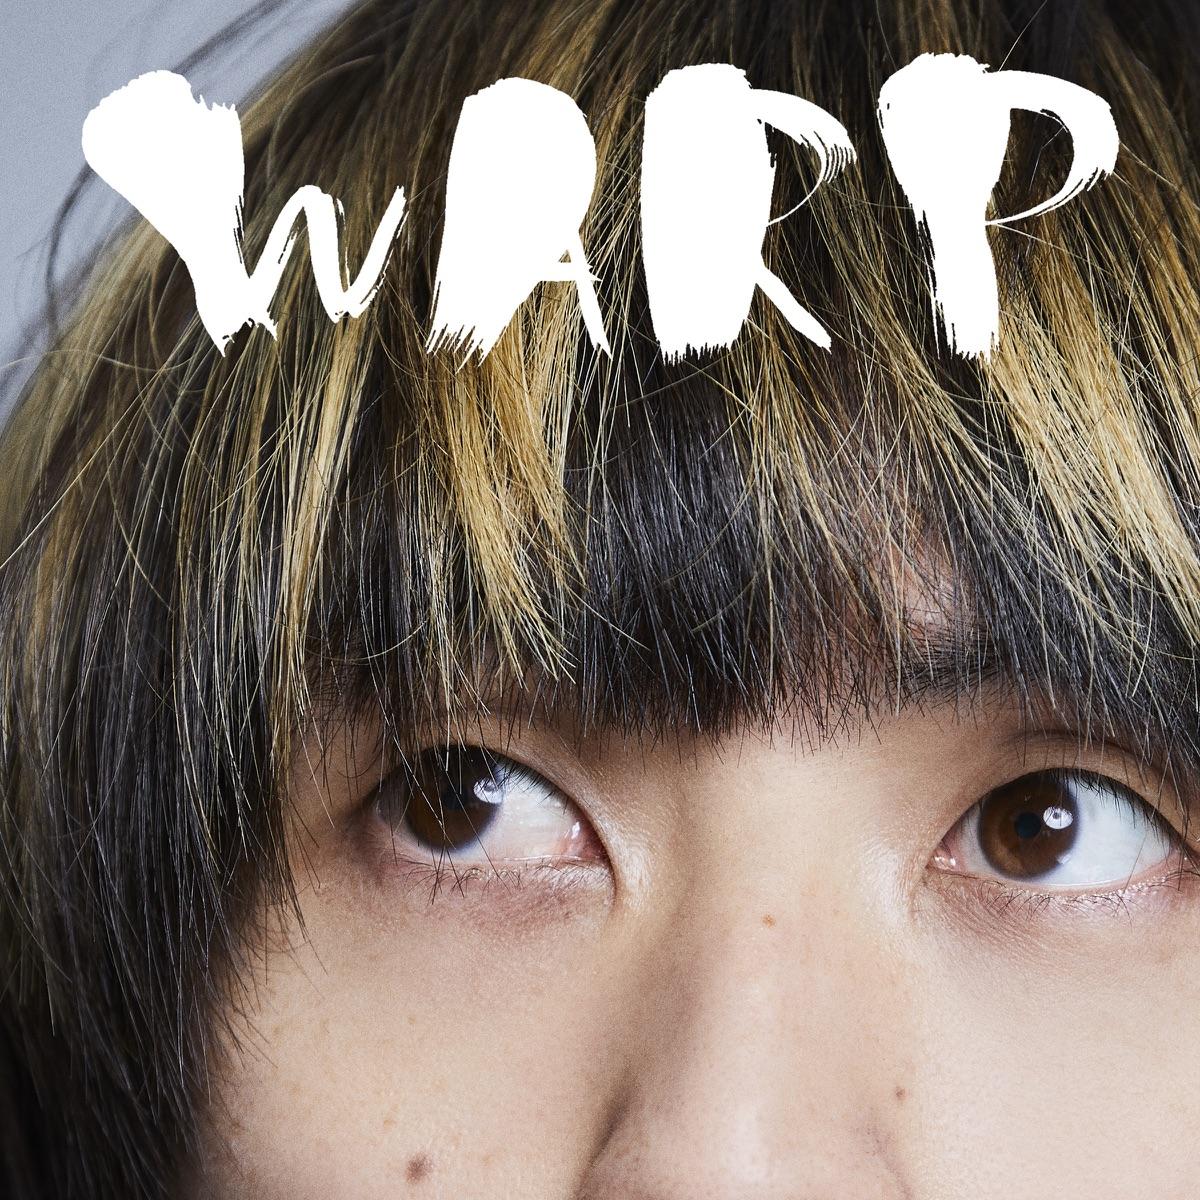 『tricot - WARP』収録の『WARP』ジャケット